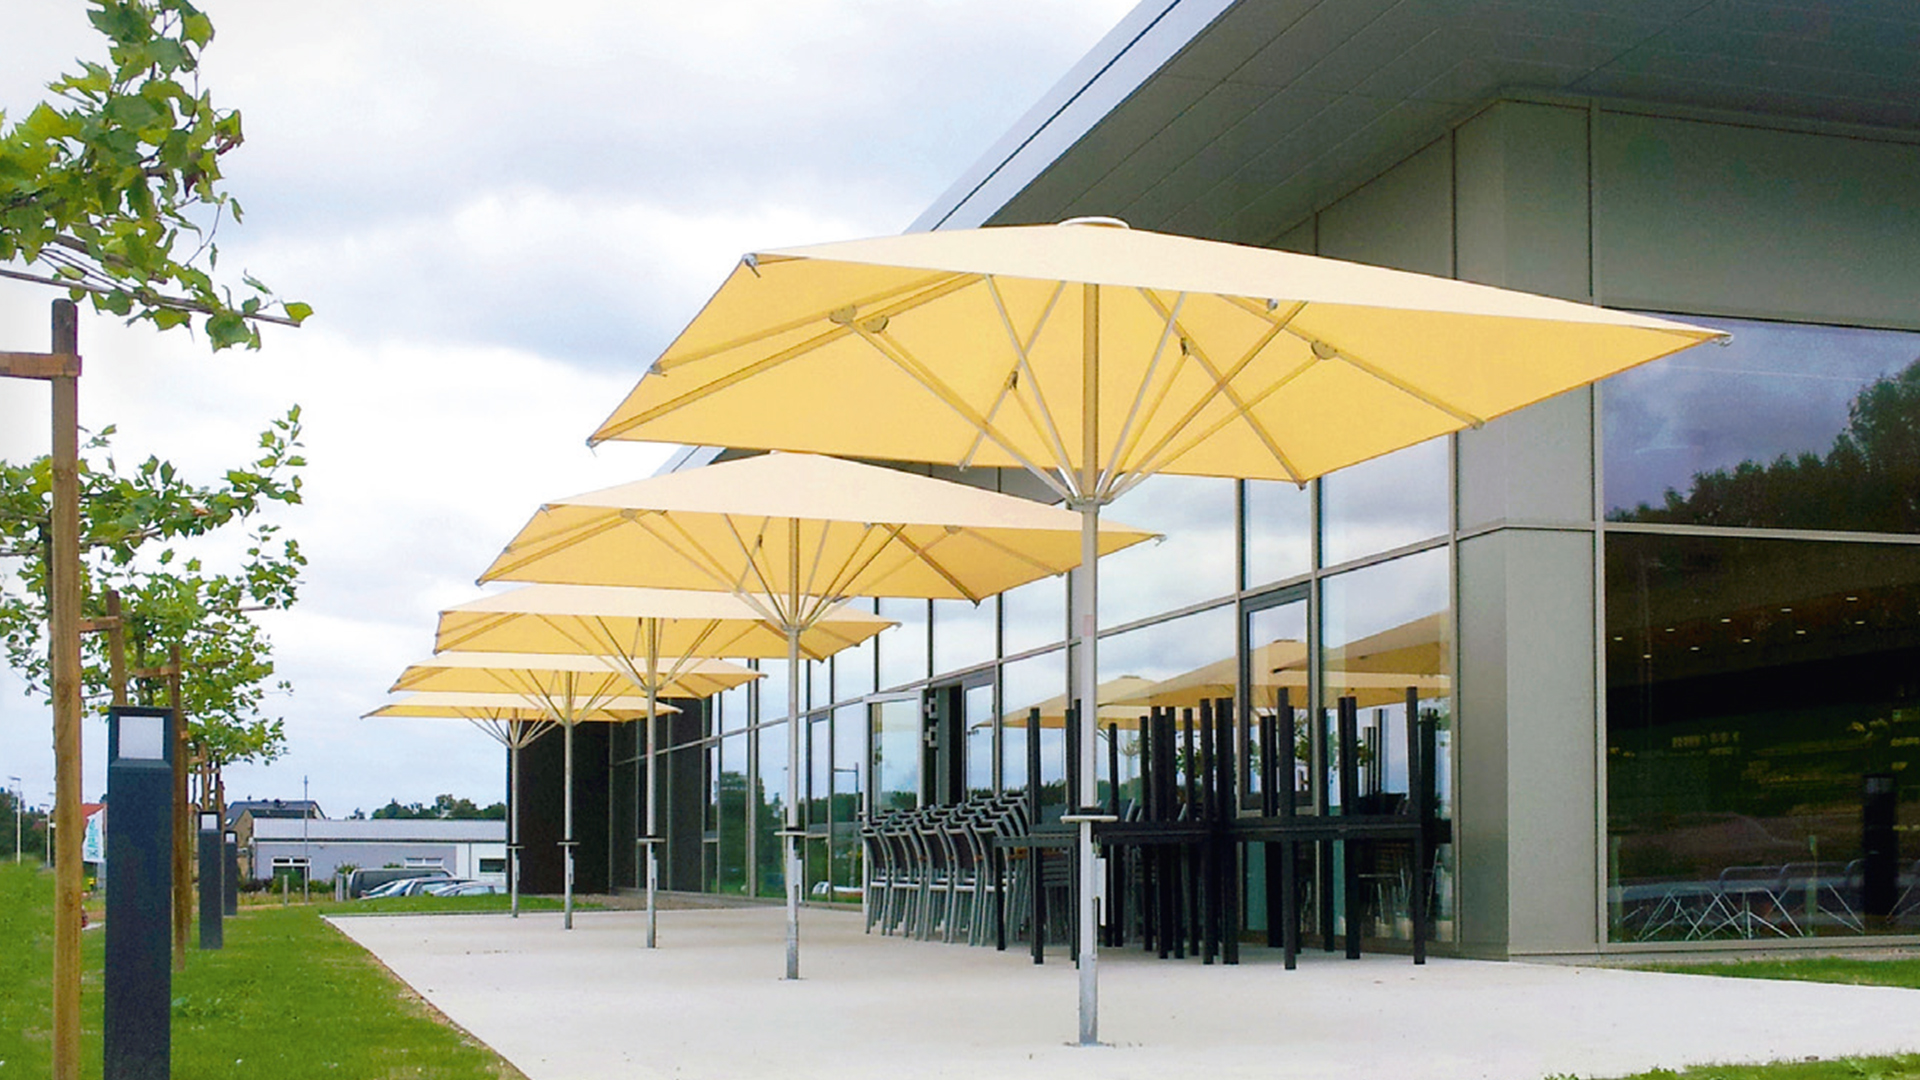 mehrere Easy Sonnenschirme neben einem Firmengebäude